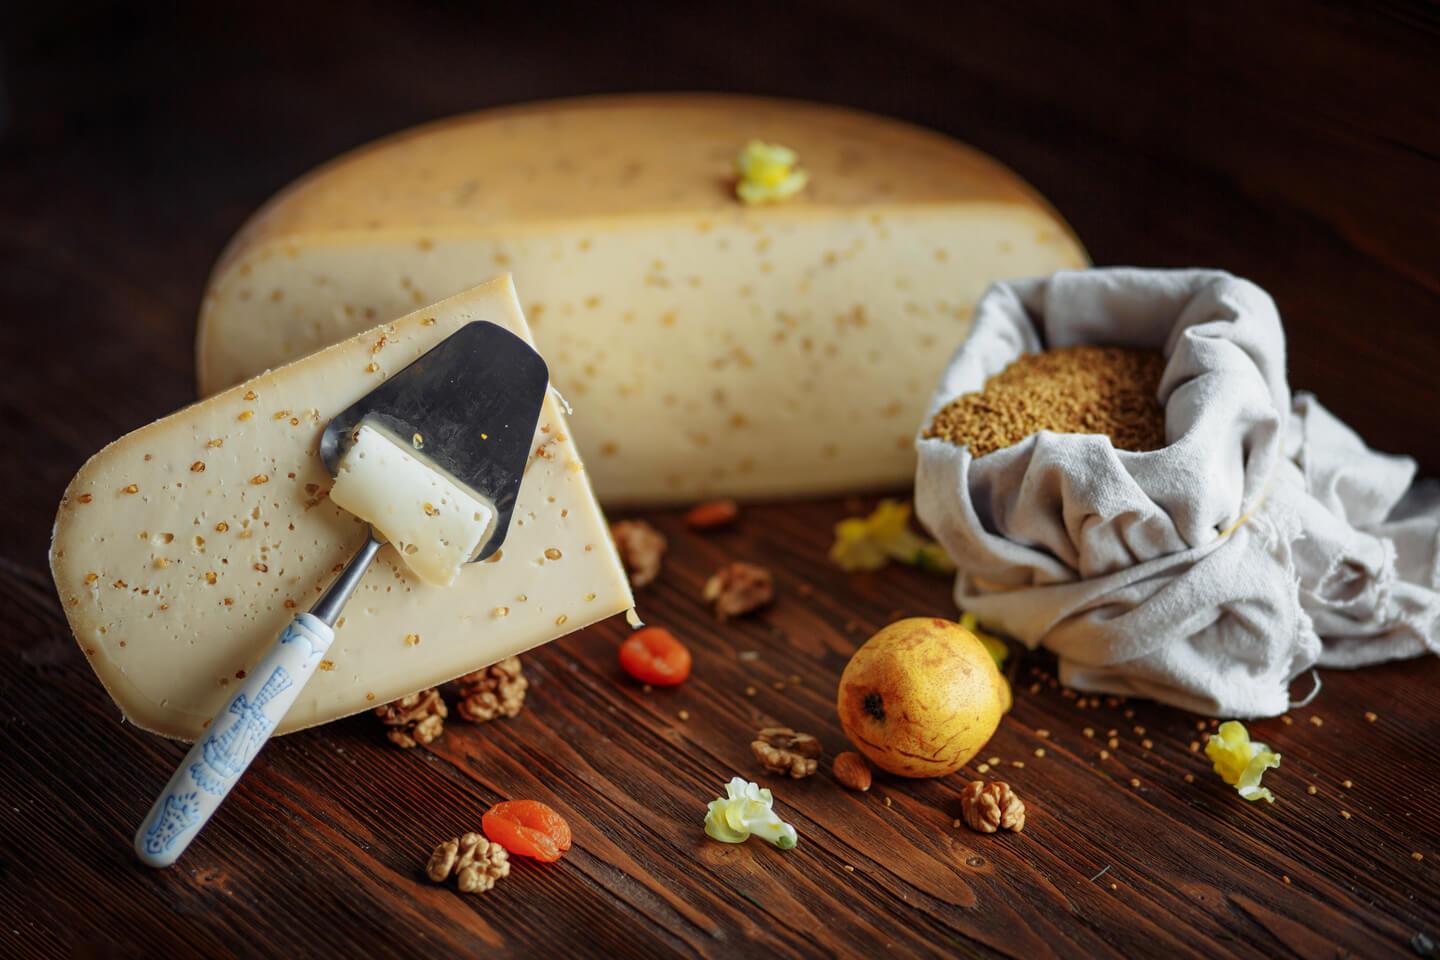 Сир з Фенугреком (пажитником) фас. т/у ТМ Європейська сироварня